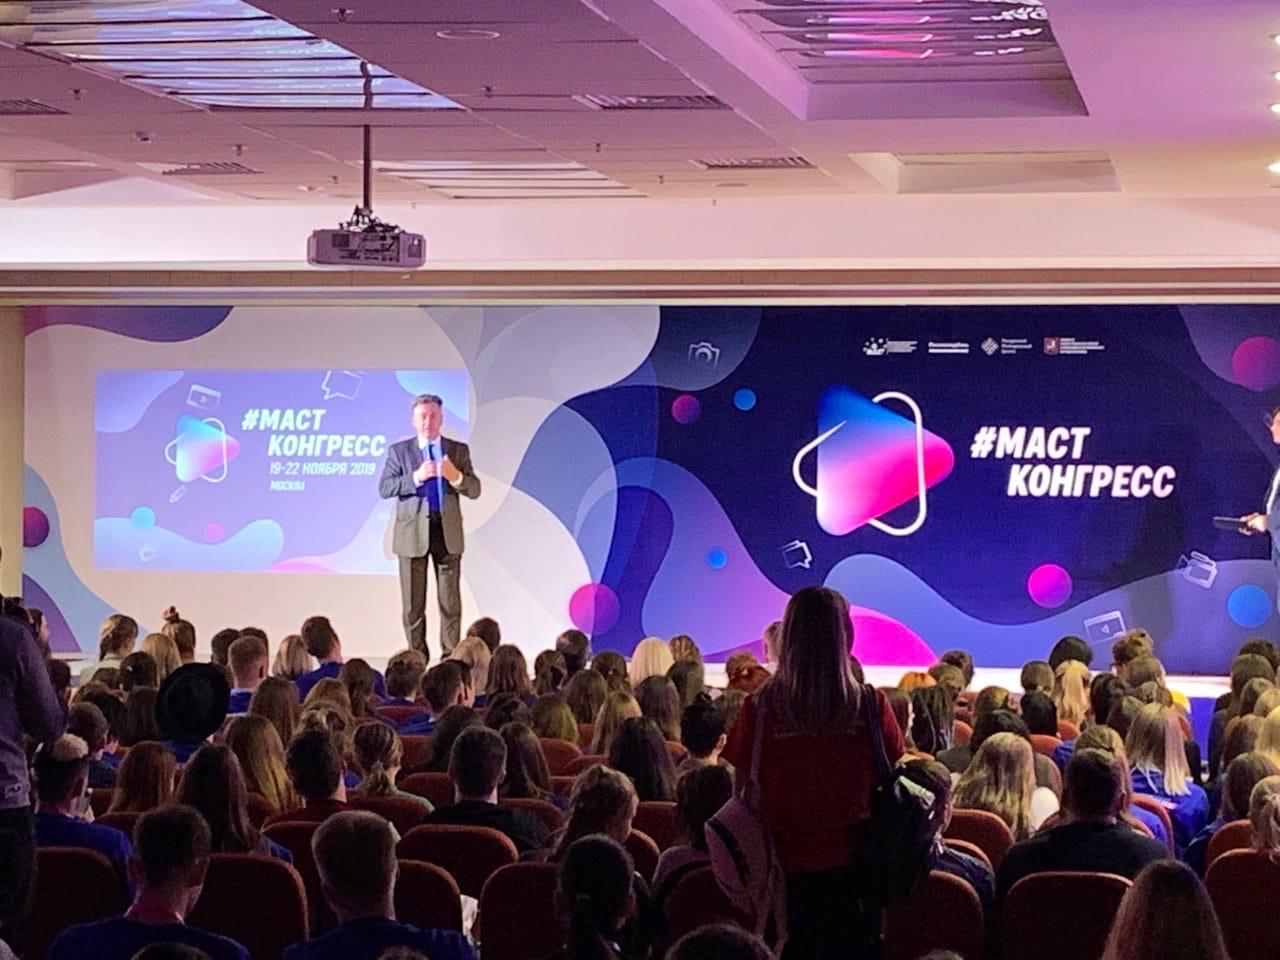 Молодежные СМИ Тверской области примут участие во Всероссийском конгрессе